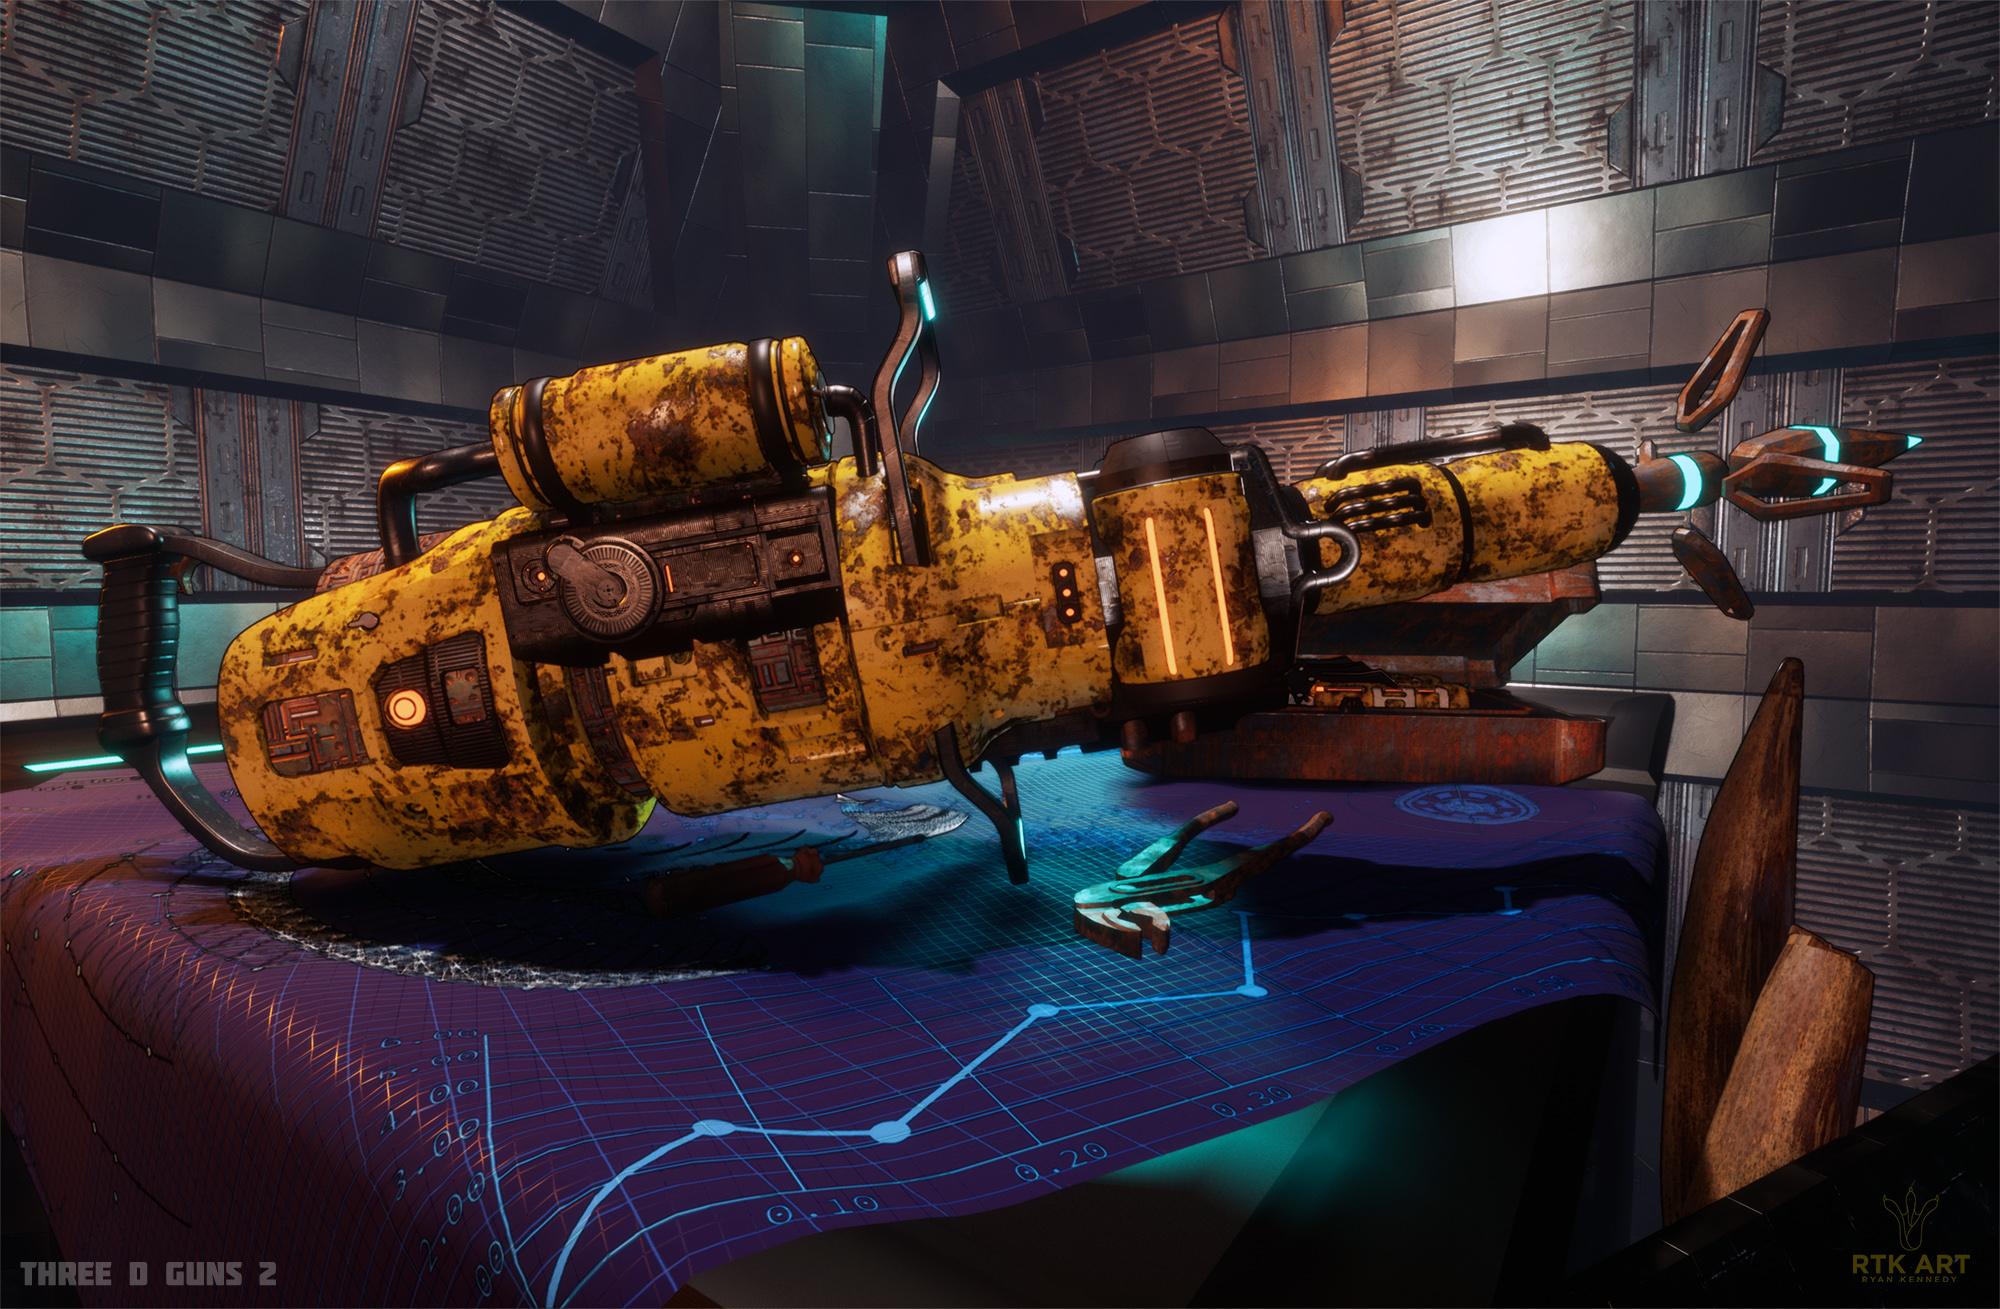 Space Whale Harpooner 3d art